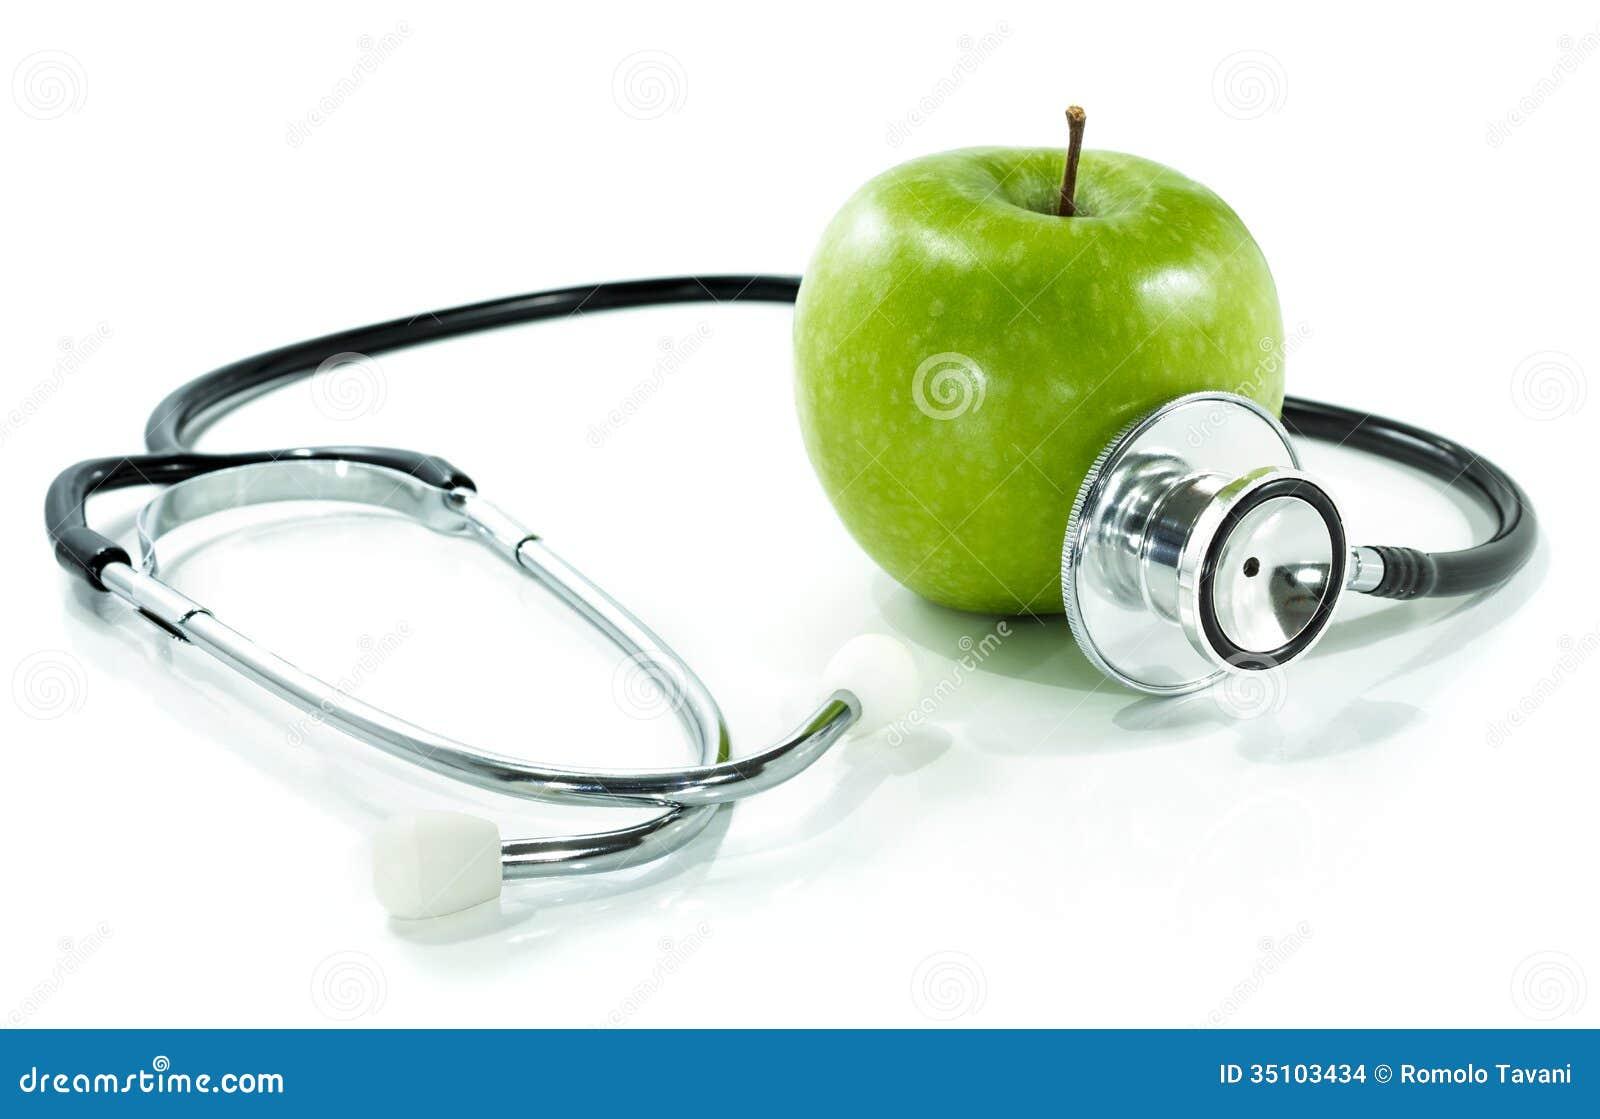 Proteja su salud con la nutrición sana. Estetoscopio, manzana